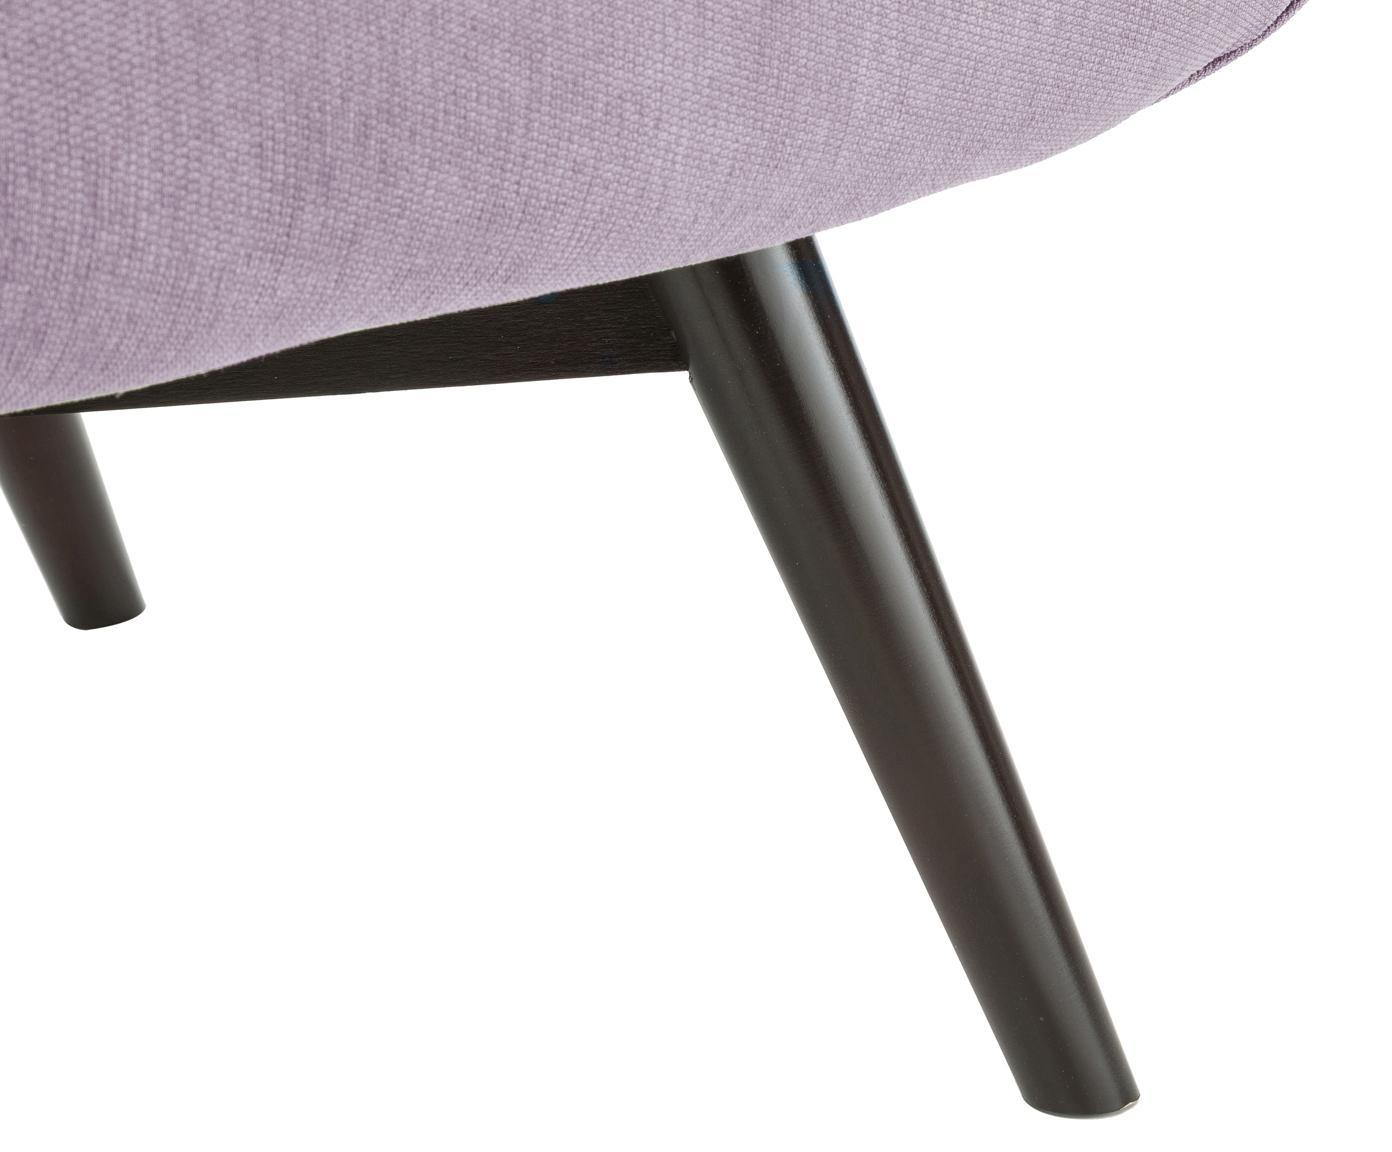 Sessel Clark, Bezug: 90% Polyester, 10% Polyam, Beine: Eichenholz, lackiert, lac, Rahmen: Holzgrundgestell, Altrosa, 80 x 94 cm